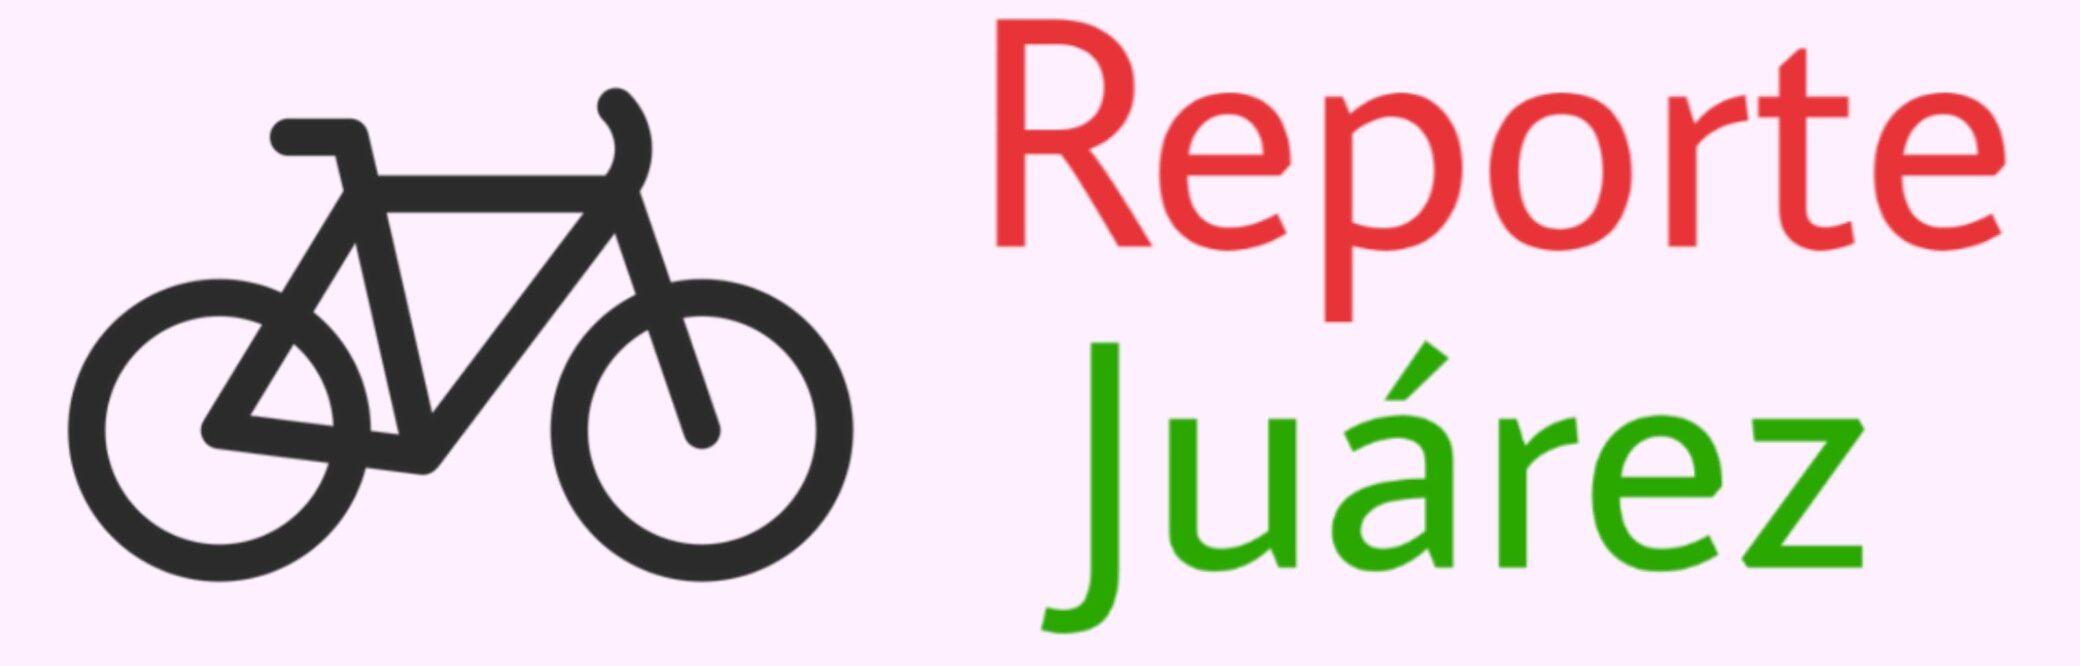 Reporte Juarez